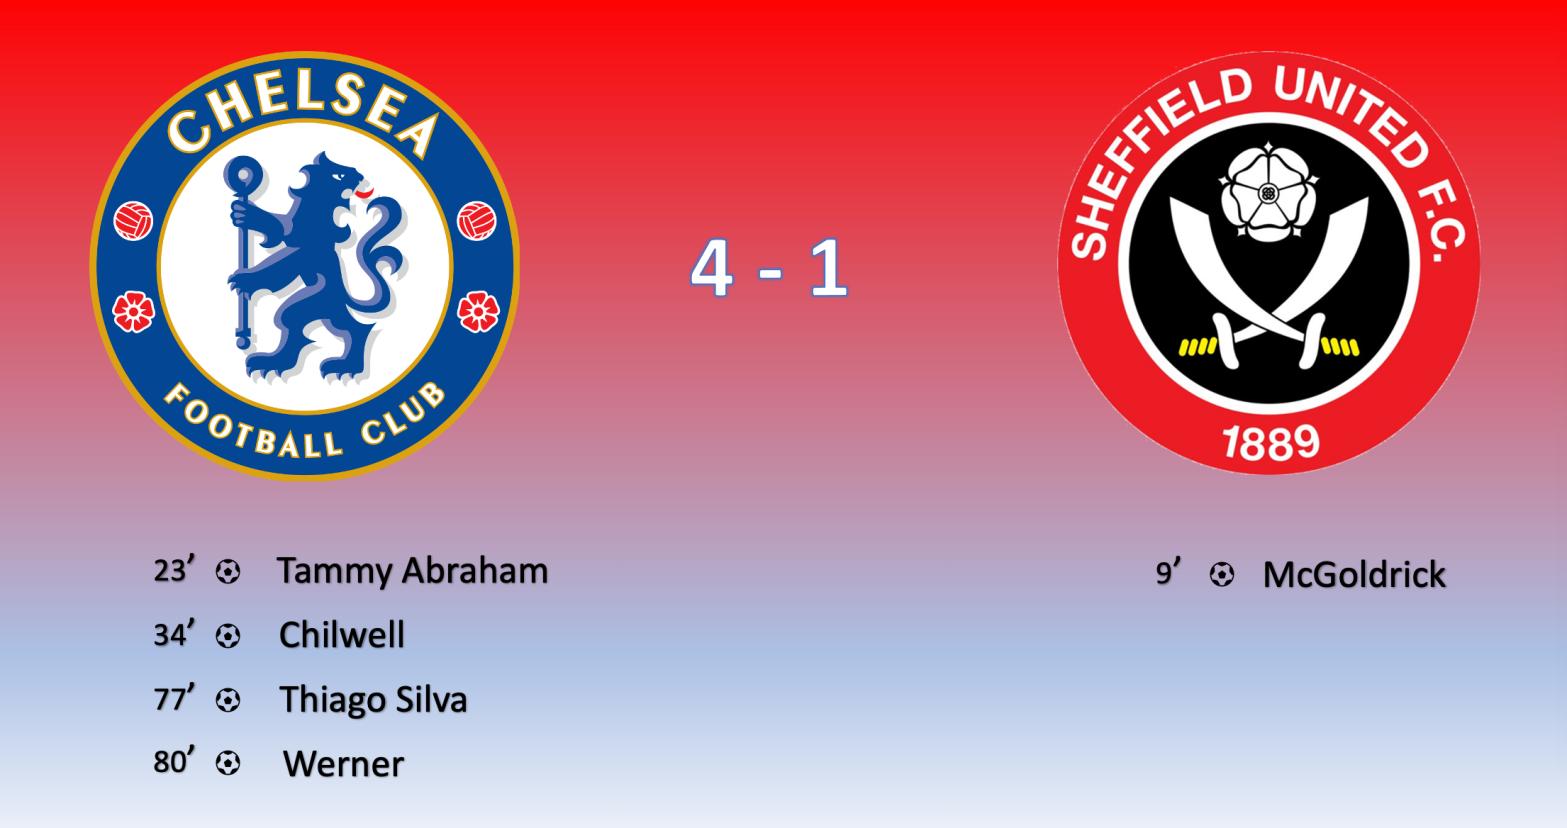 Chelsea-vs-Sheffiled-Utd